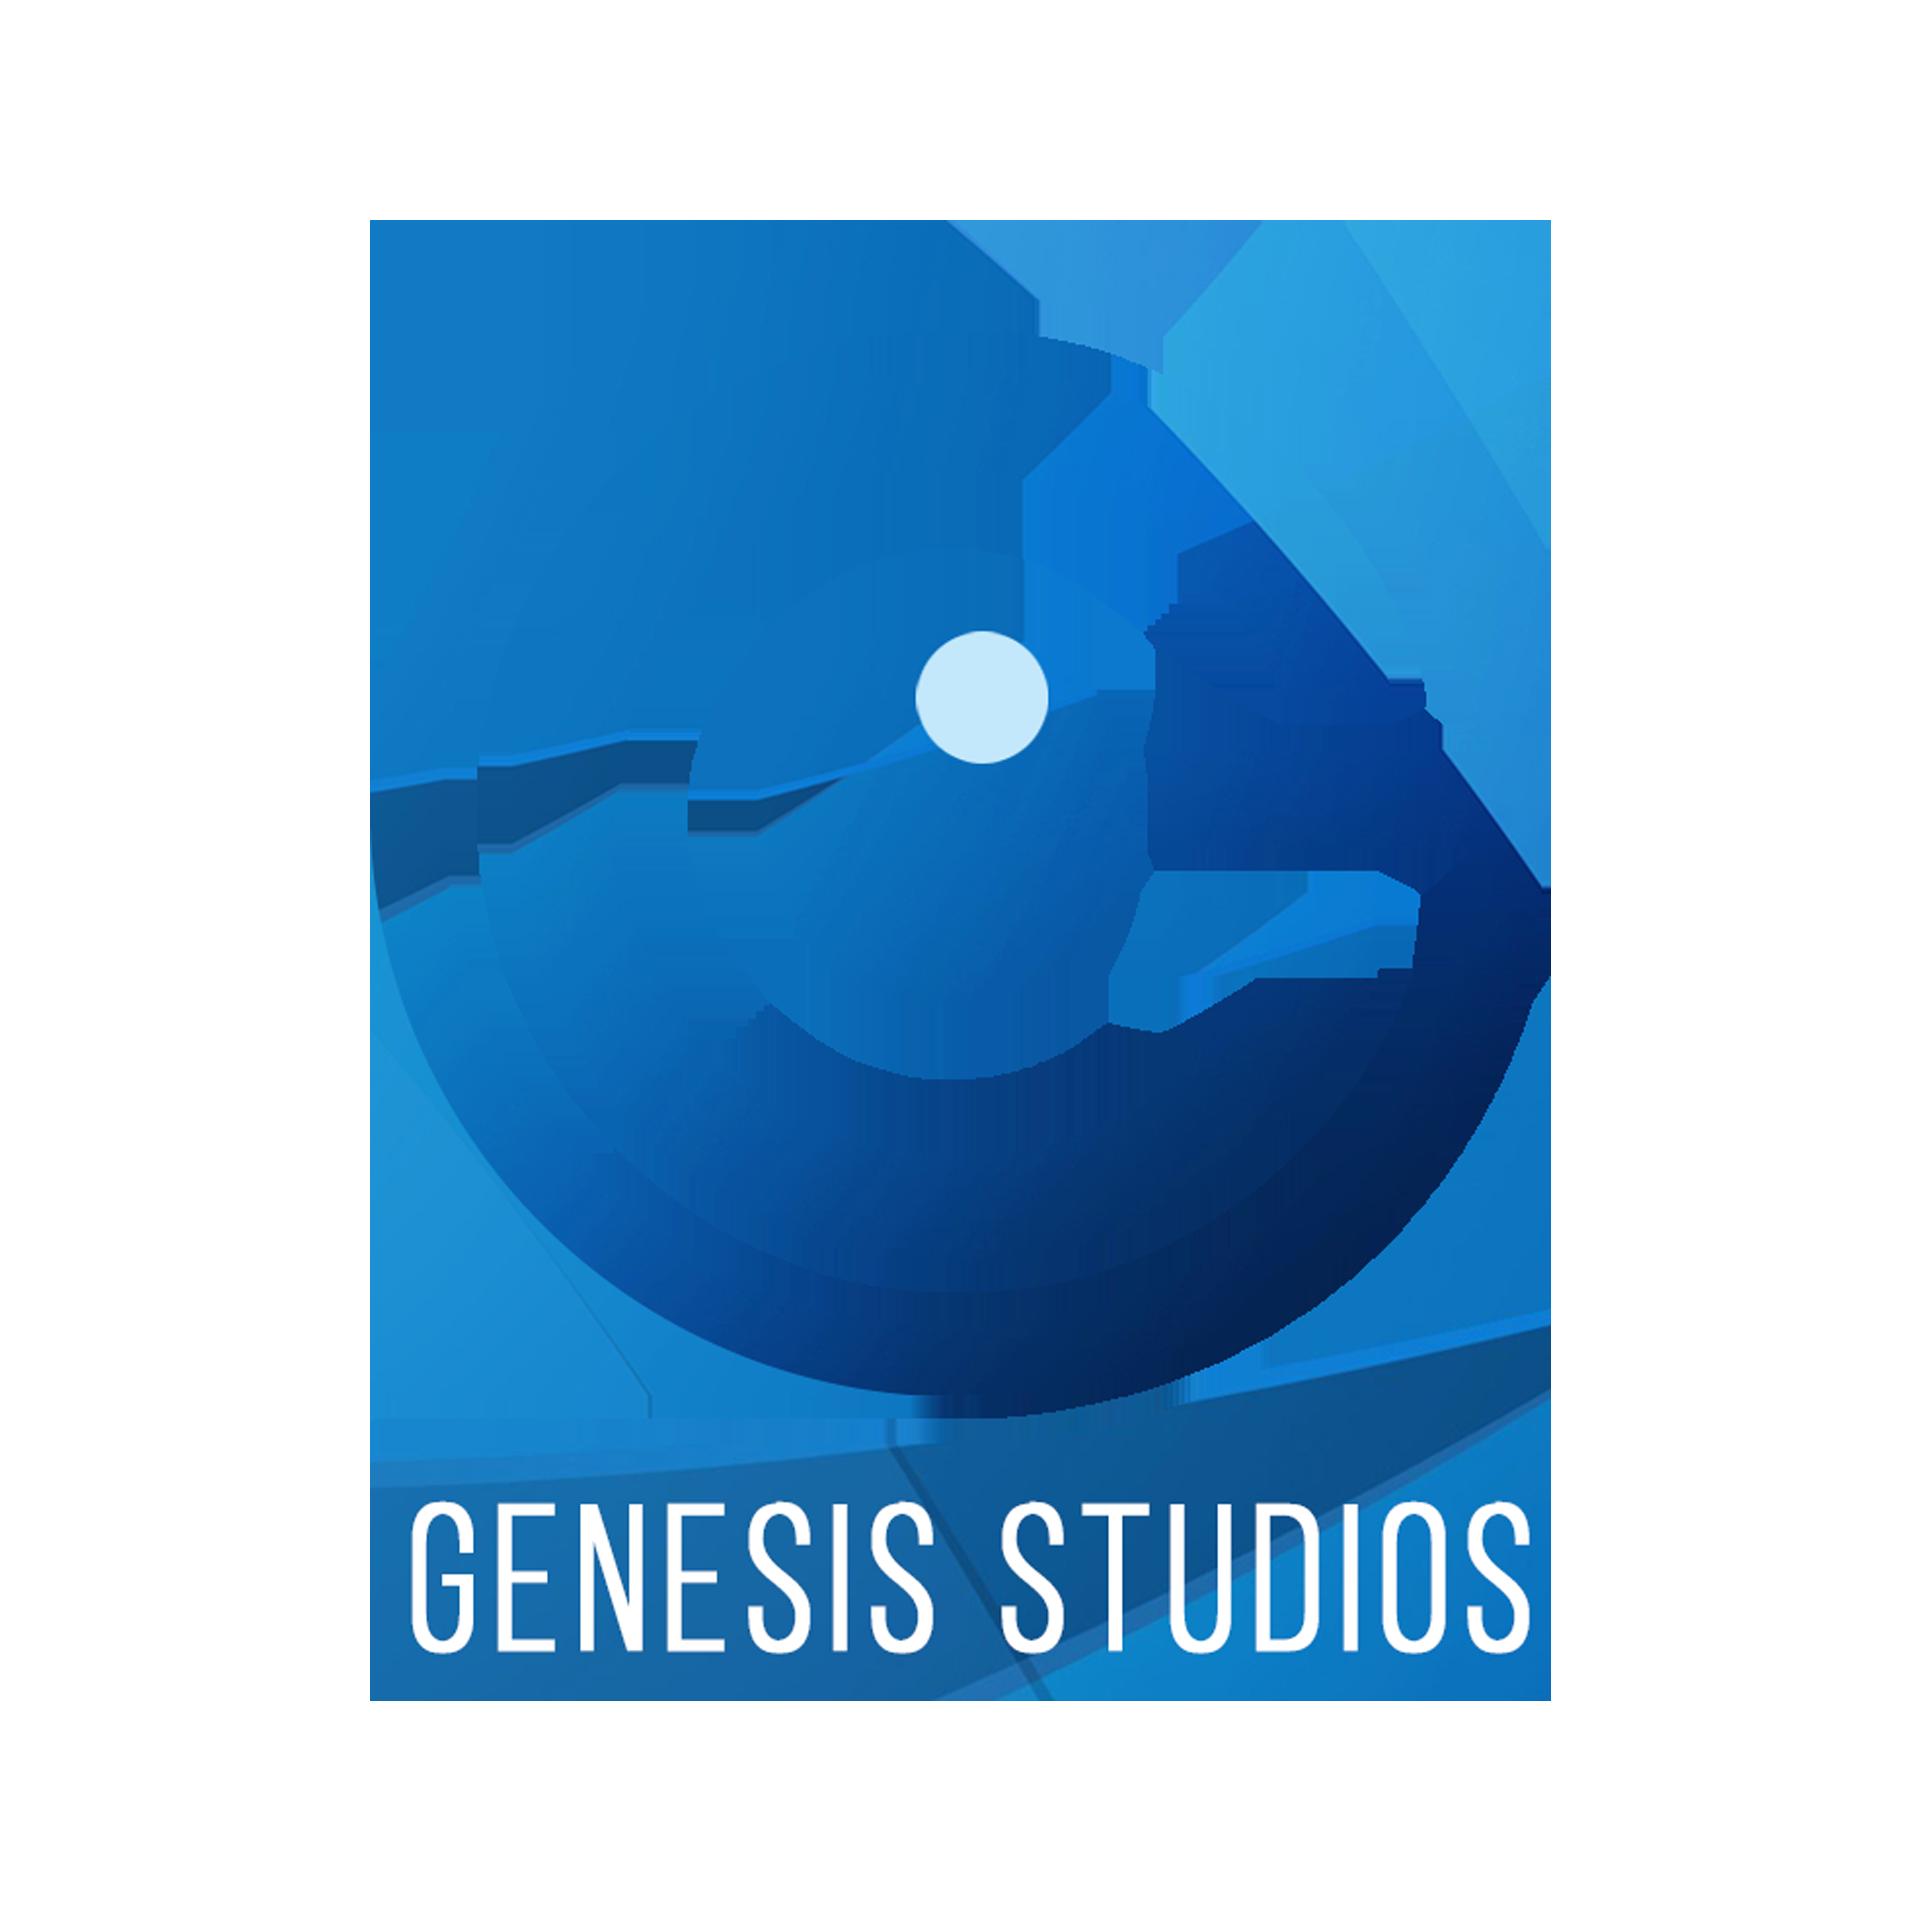 GENESIS STUDIOS